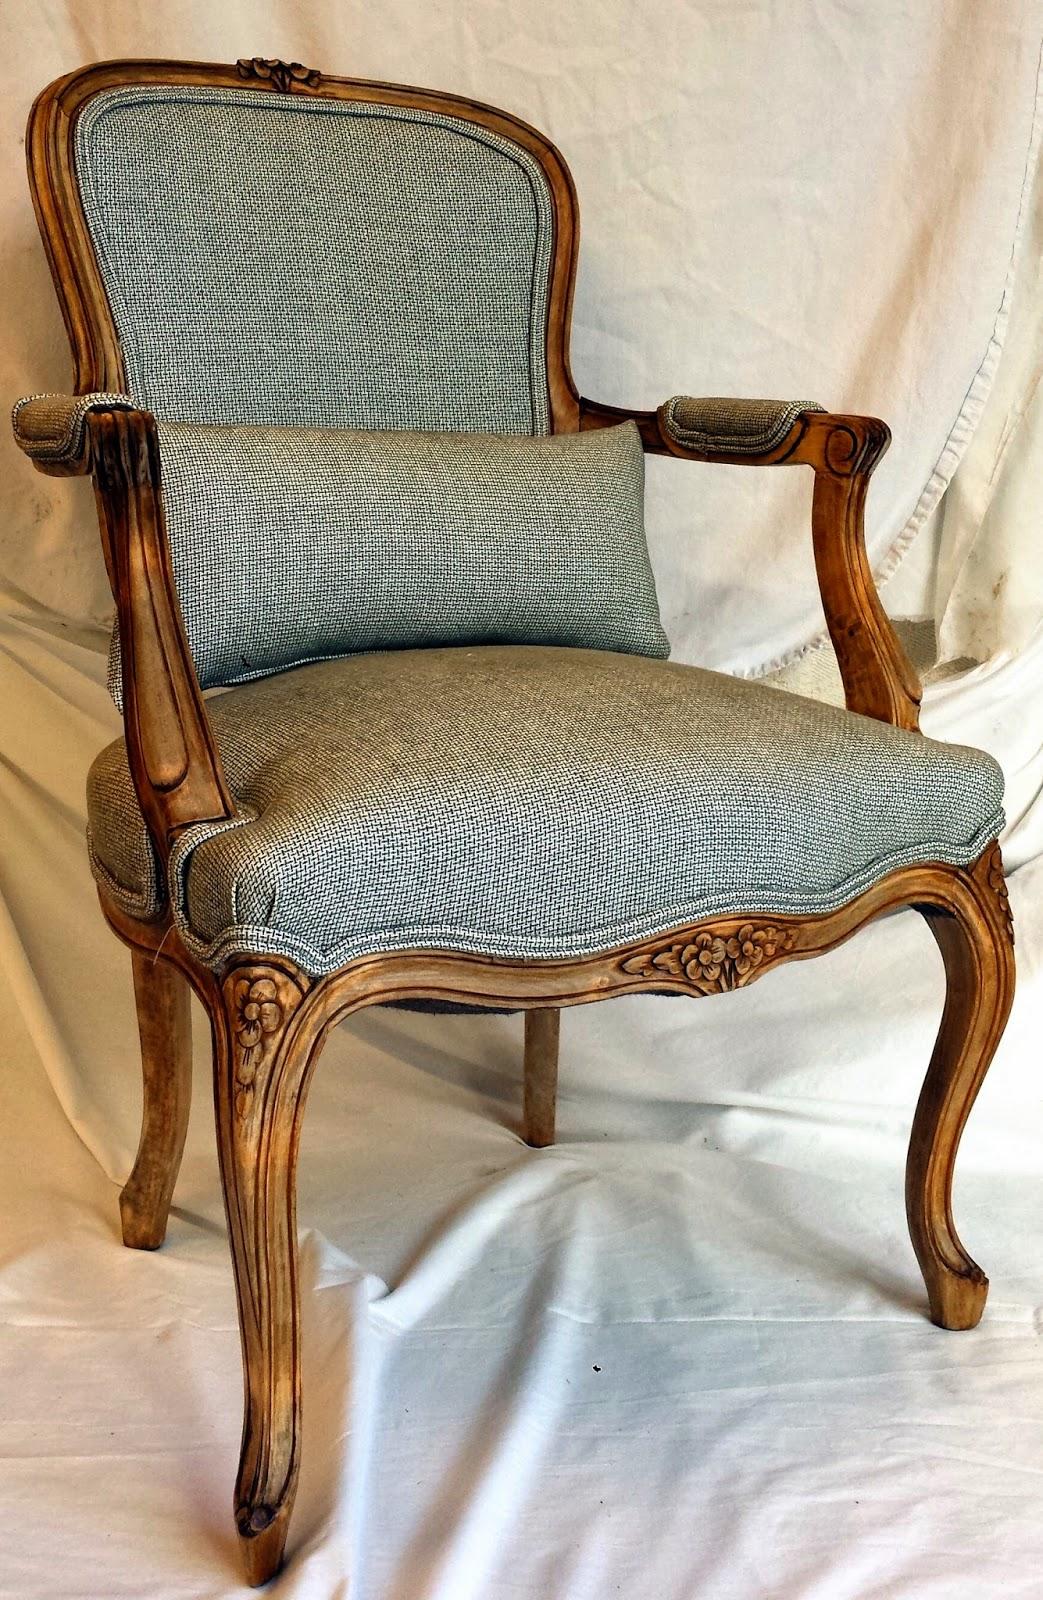 Candini muebles pintados nuevos y redecorados - Sillon estilo provenzal ...